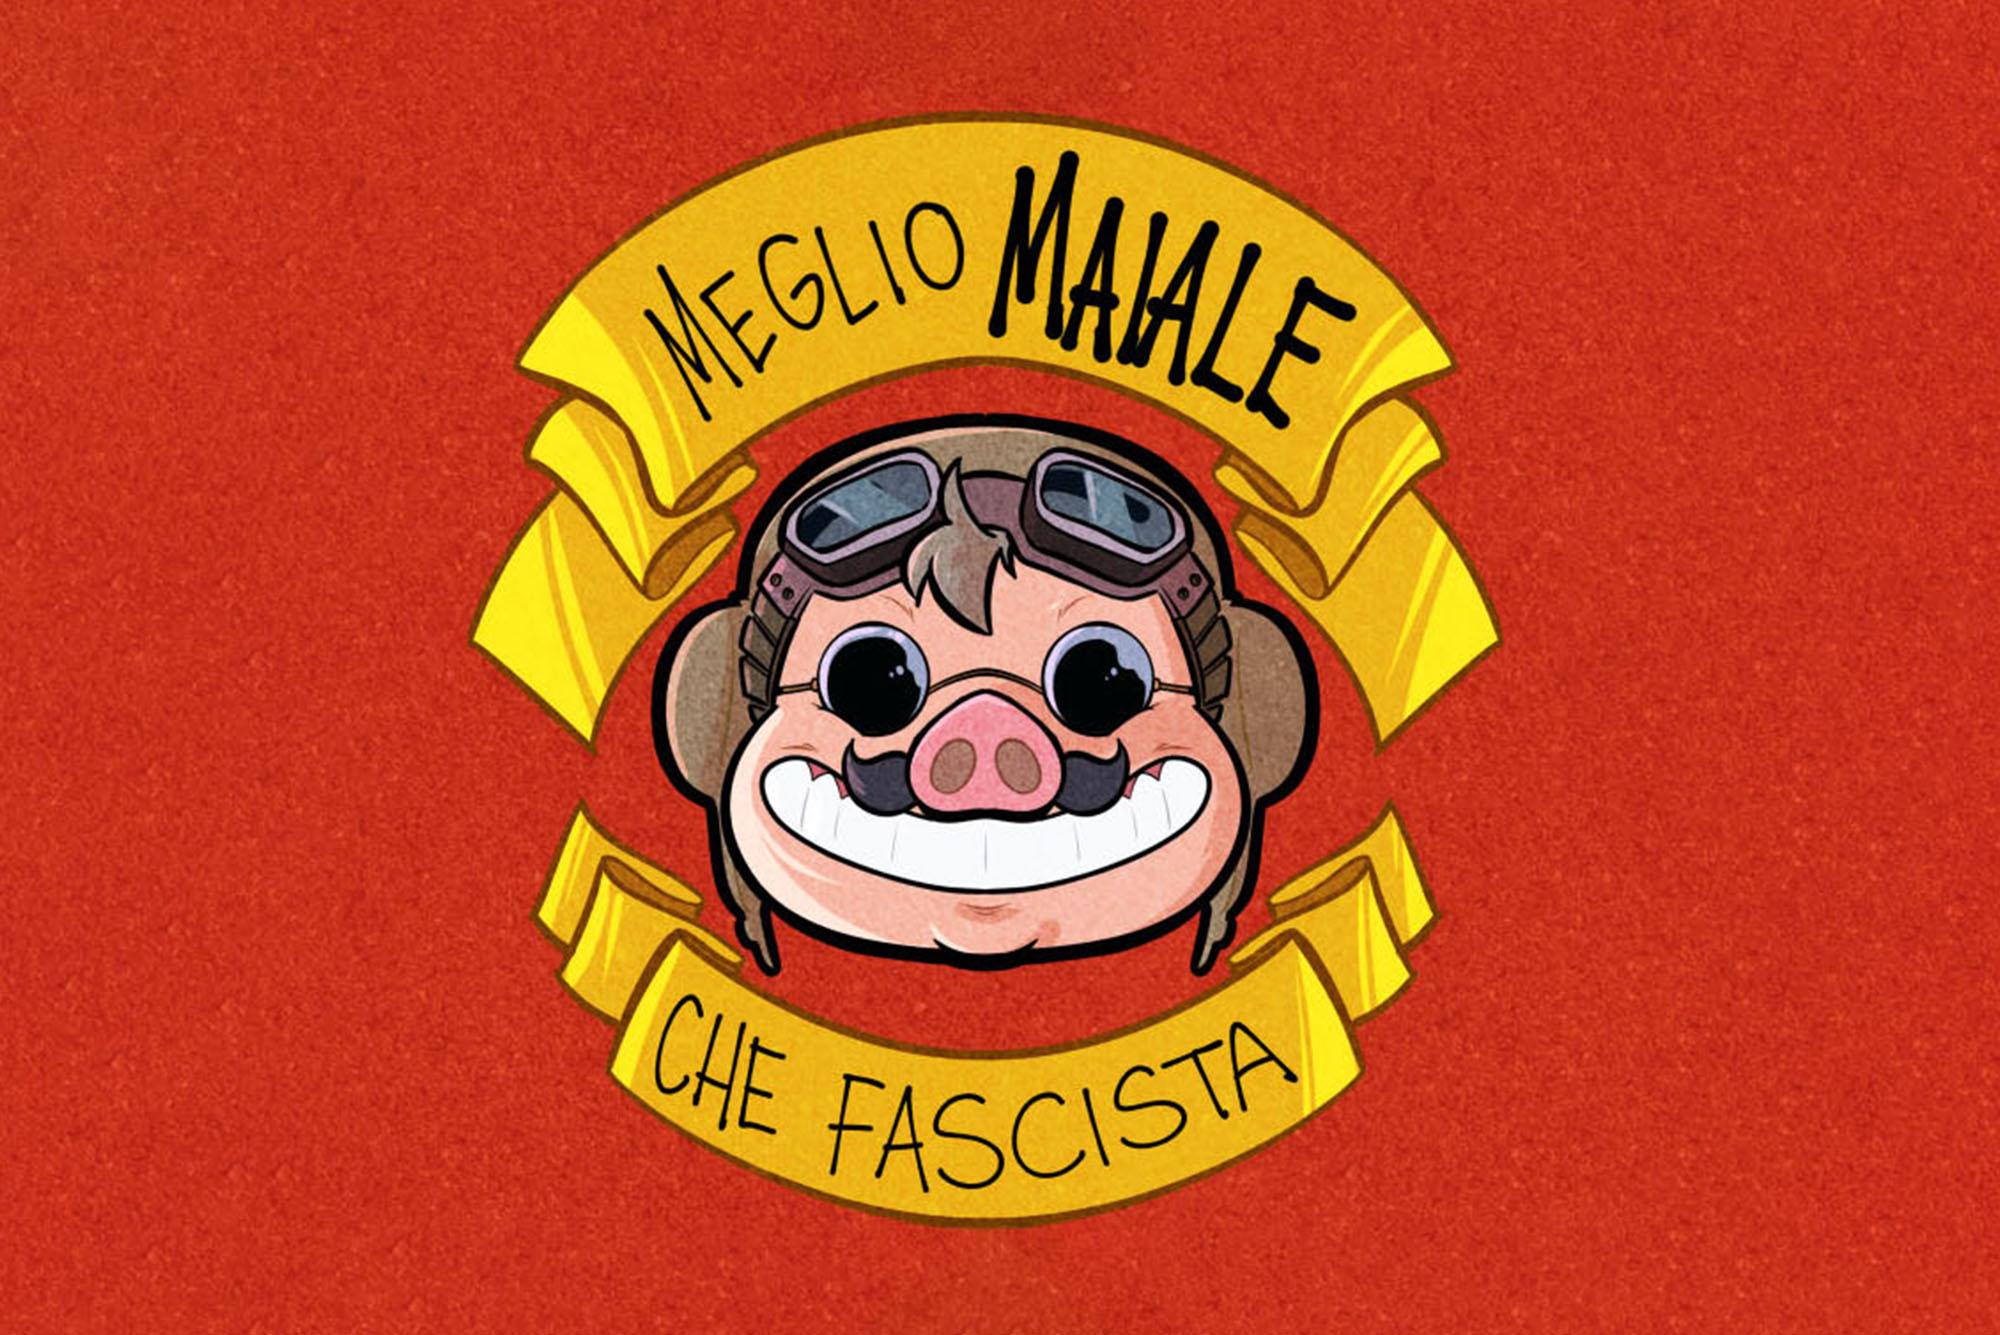 Piuttosto che diventare un fascista, meglio essere un maiale